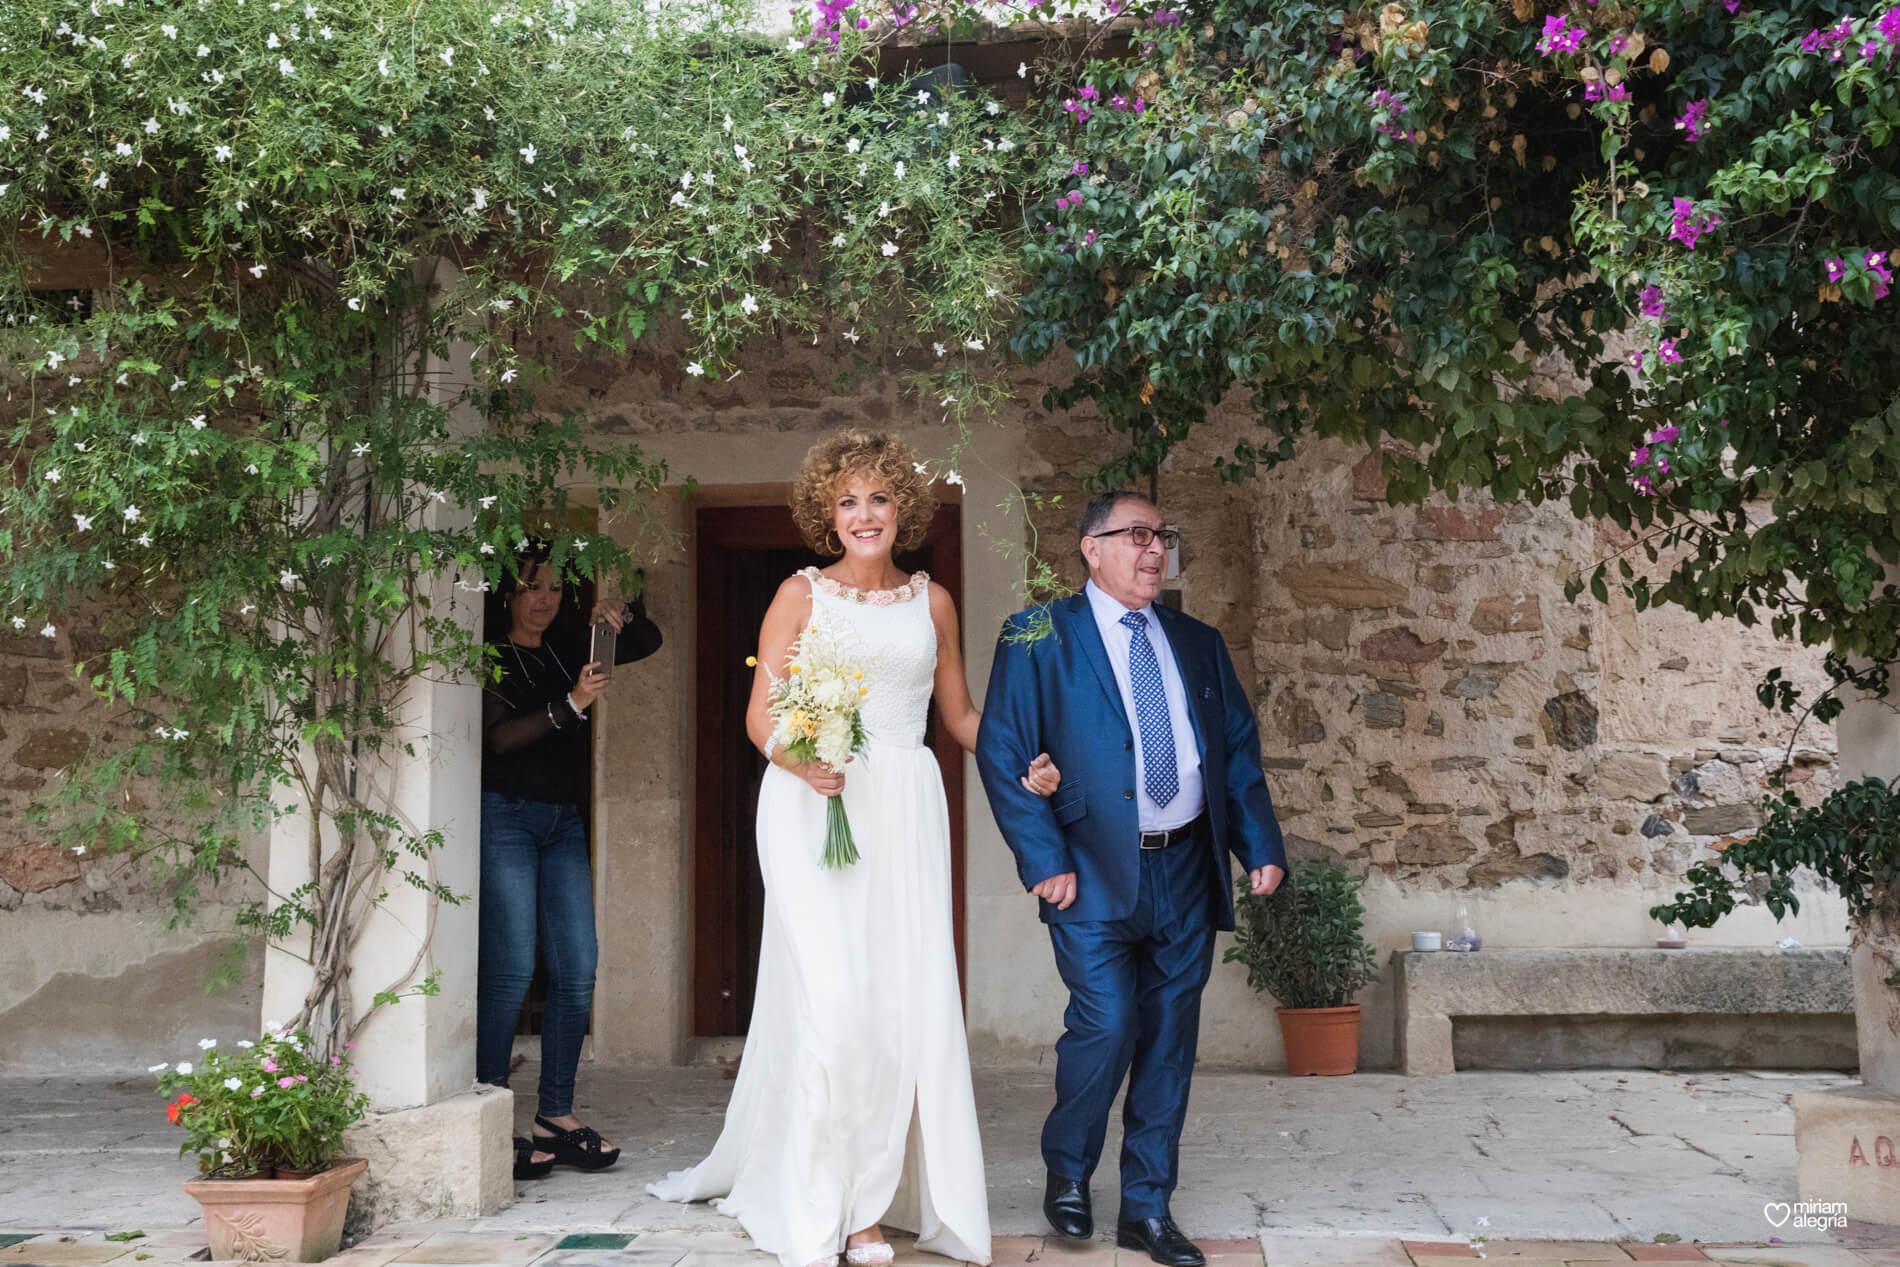 boda-en-finca-la-carrasca-miriam-alegria-40